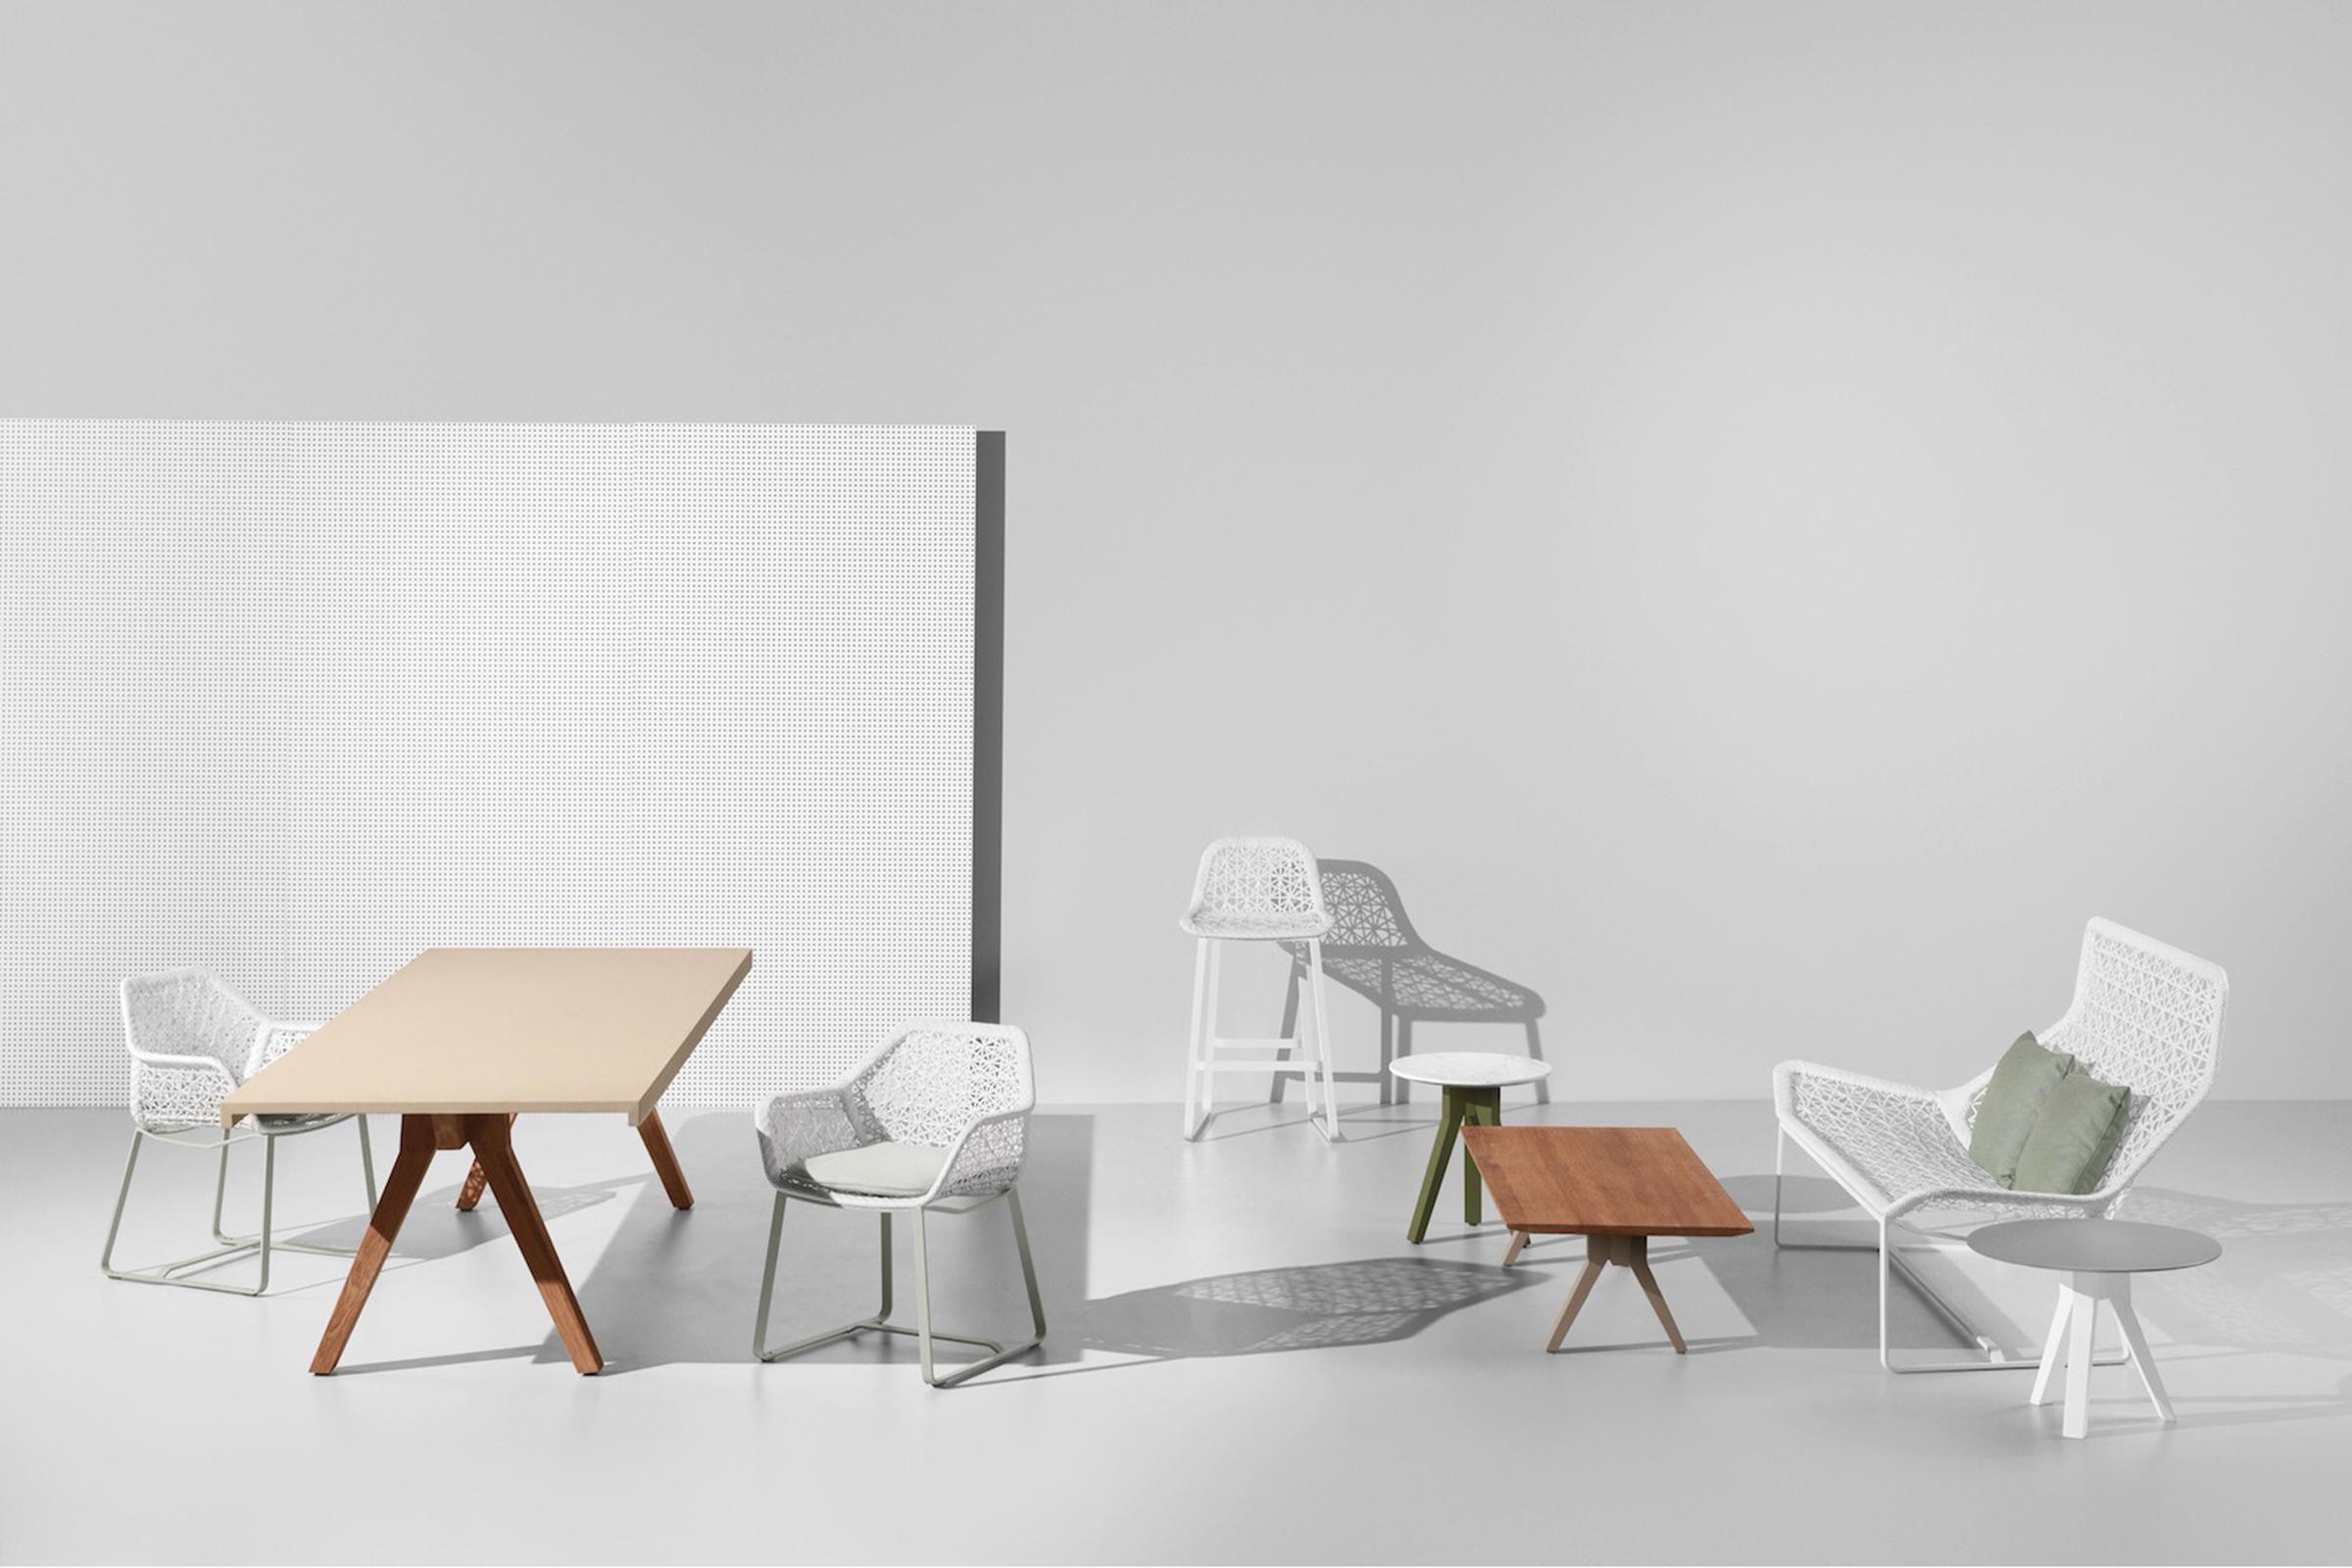 MG-L151 椅子 新款设计师编藤椅子